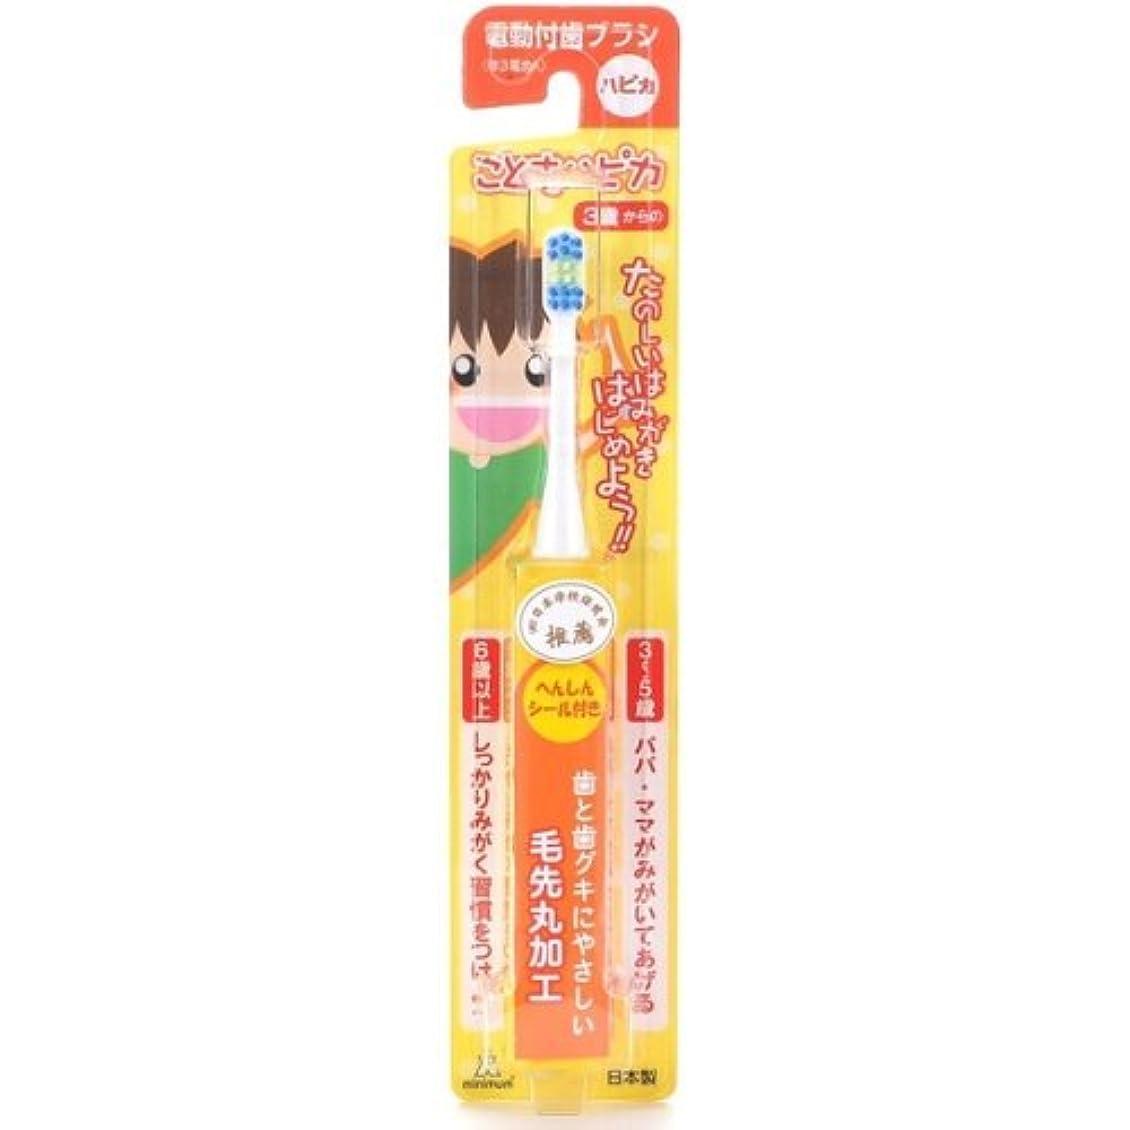 ハント広がり汚すミニマム 電動付歯ブラシ こどもハピカ イエロー 毛の硬さ:やわらかめ DBK-1Y(BP)